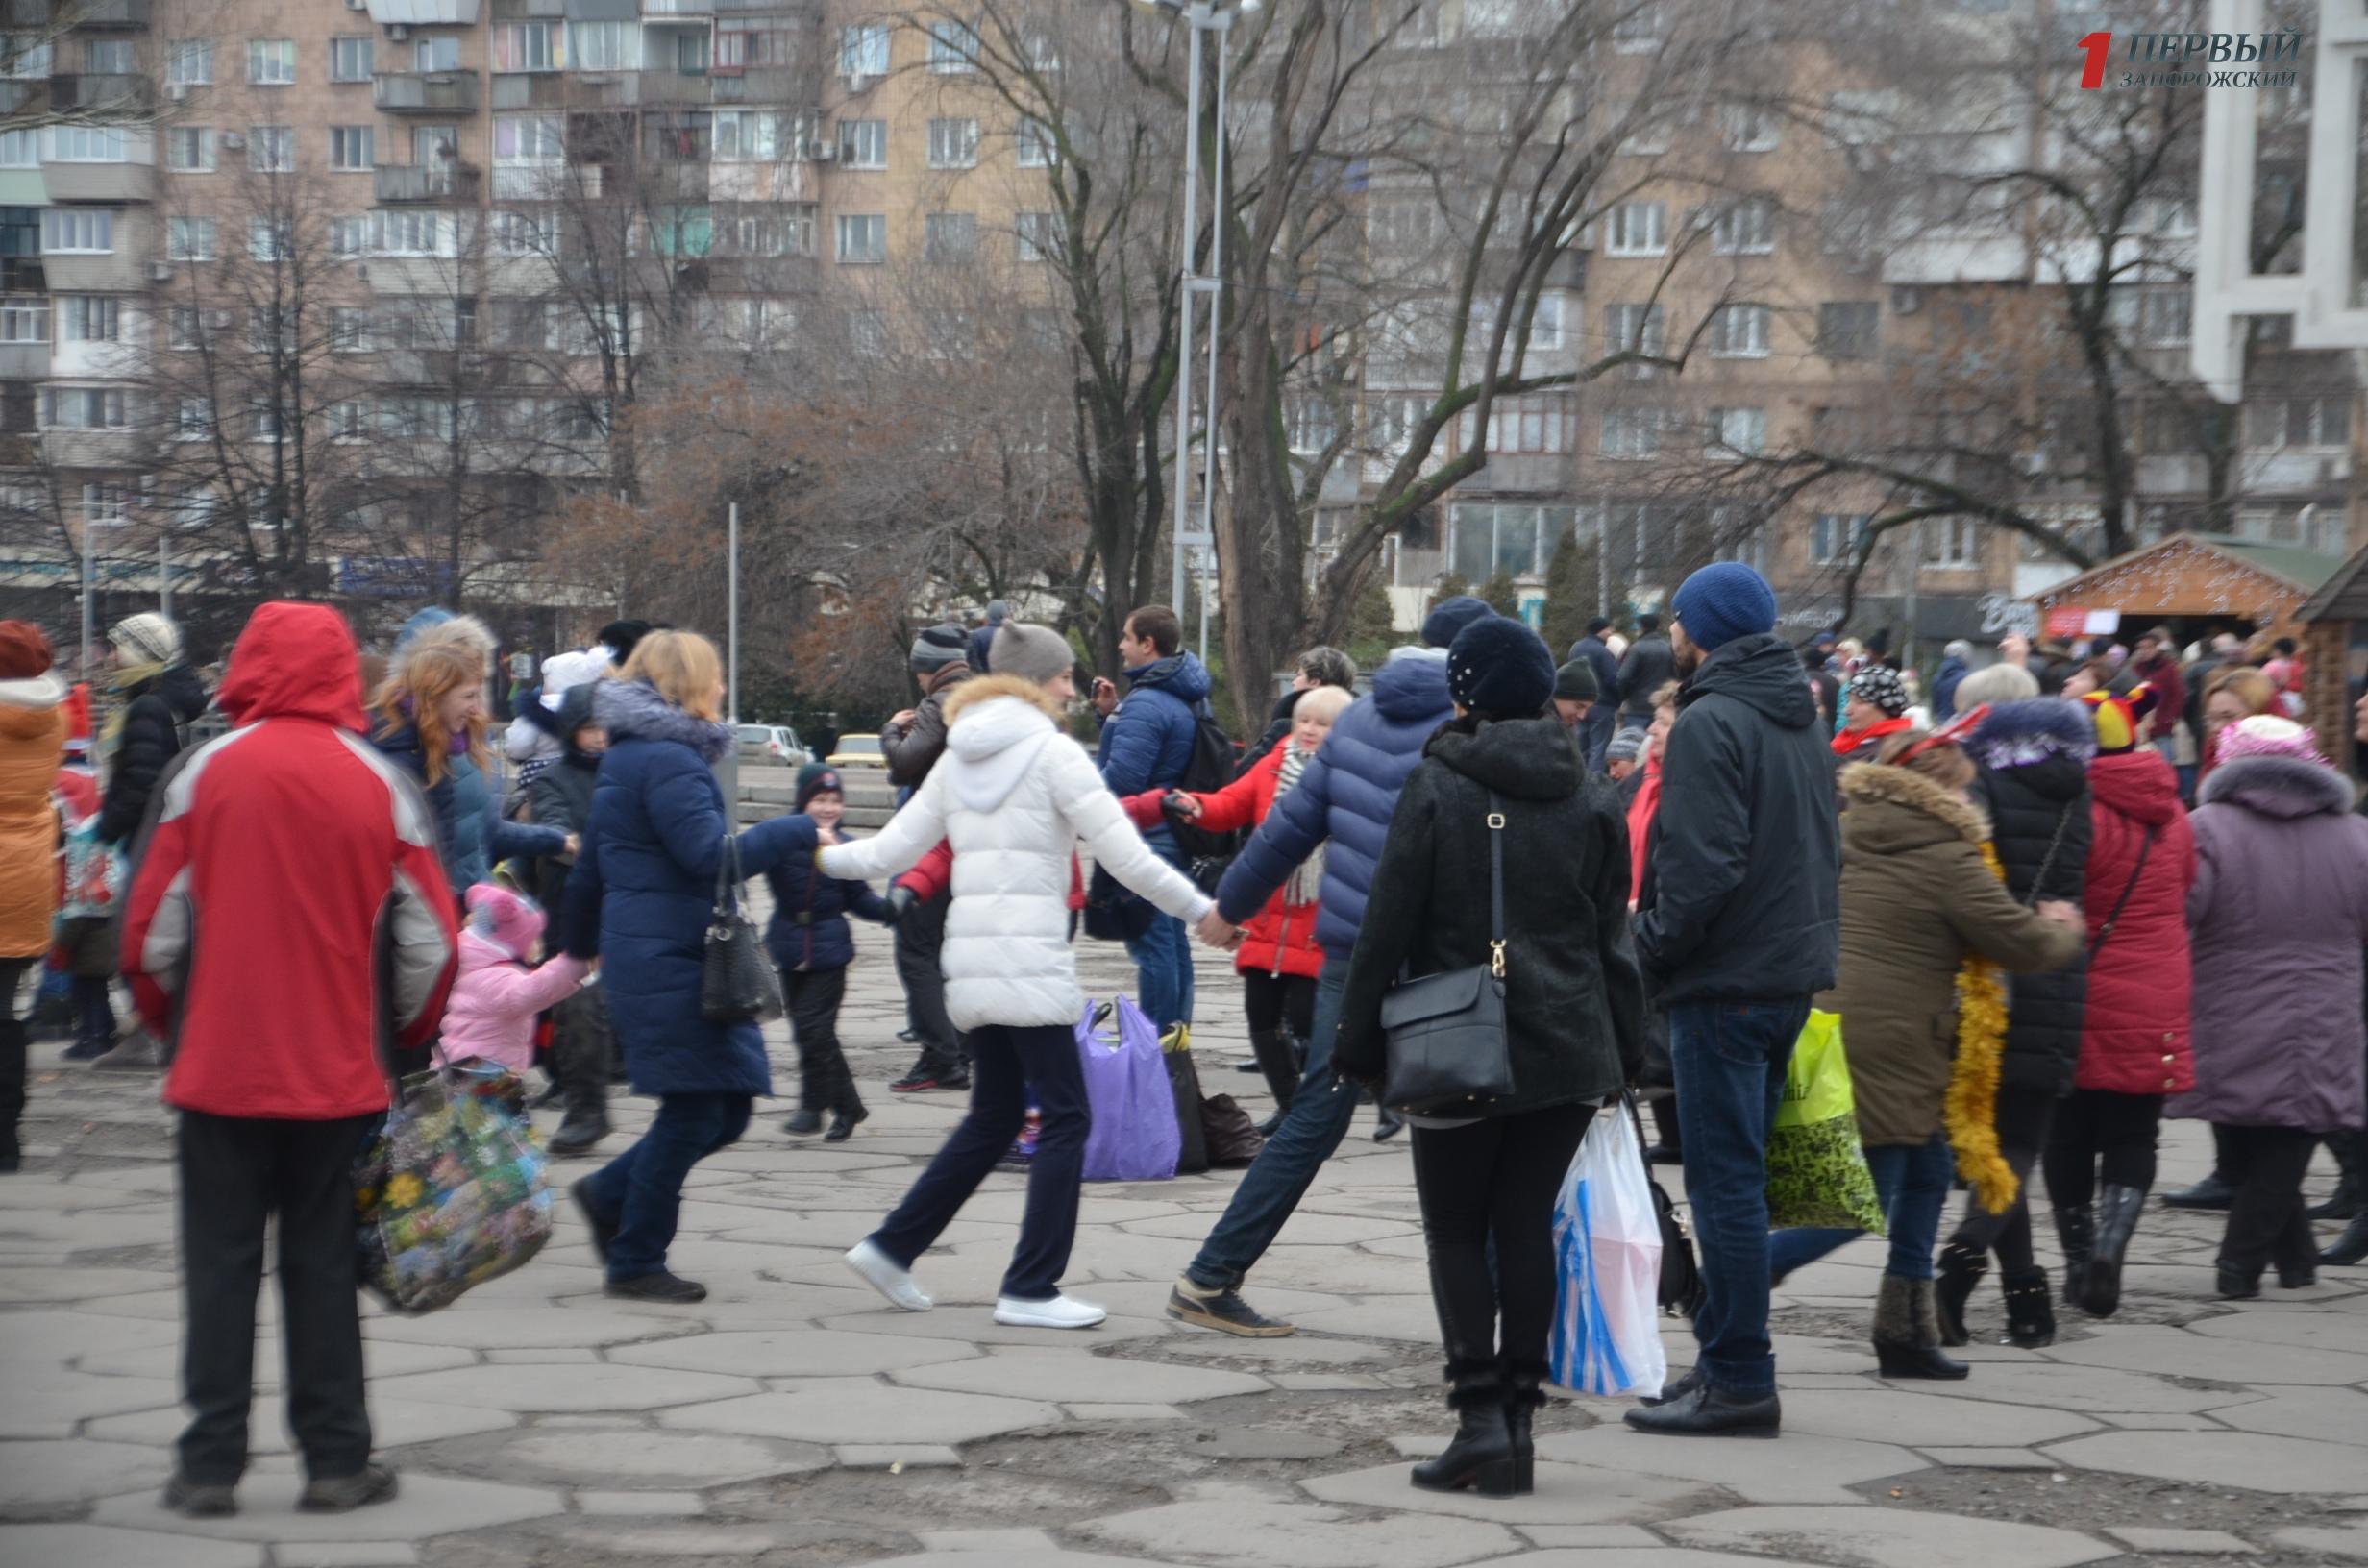 Танцуют все: накануне Рождества сотня запорожцев